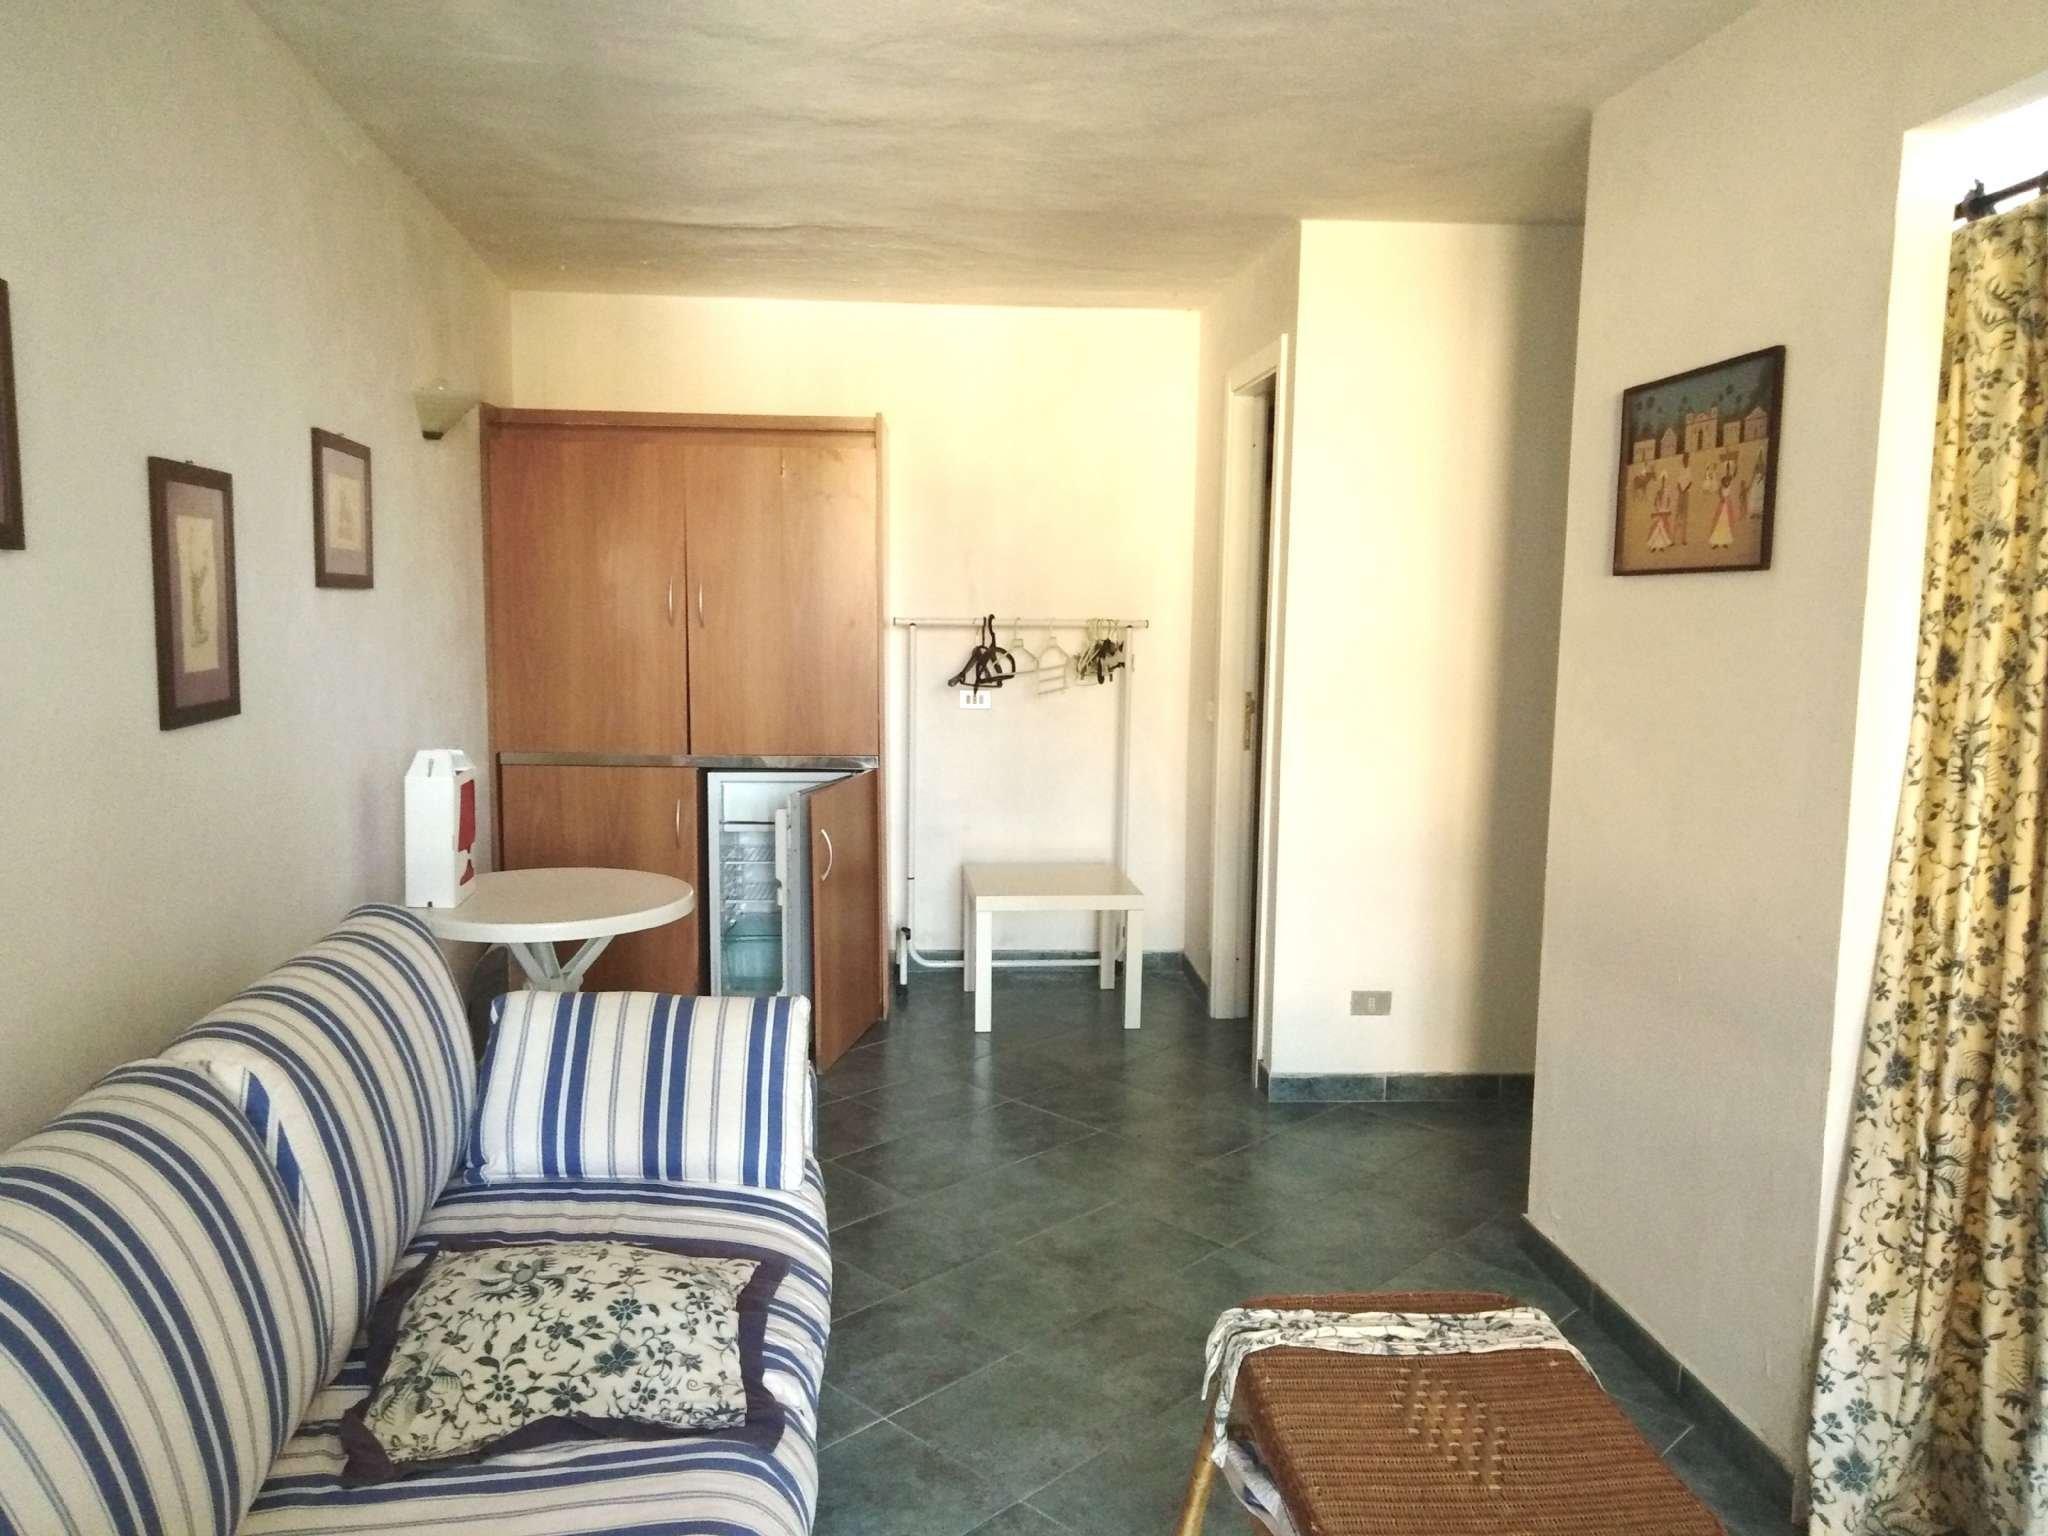 Agenzie Immobiliari A Rapallo vendita bilocale via privata san rocco, rapallo, 45 mq, rif